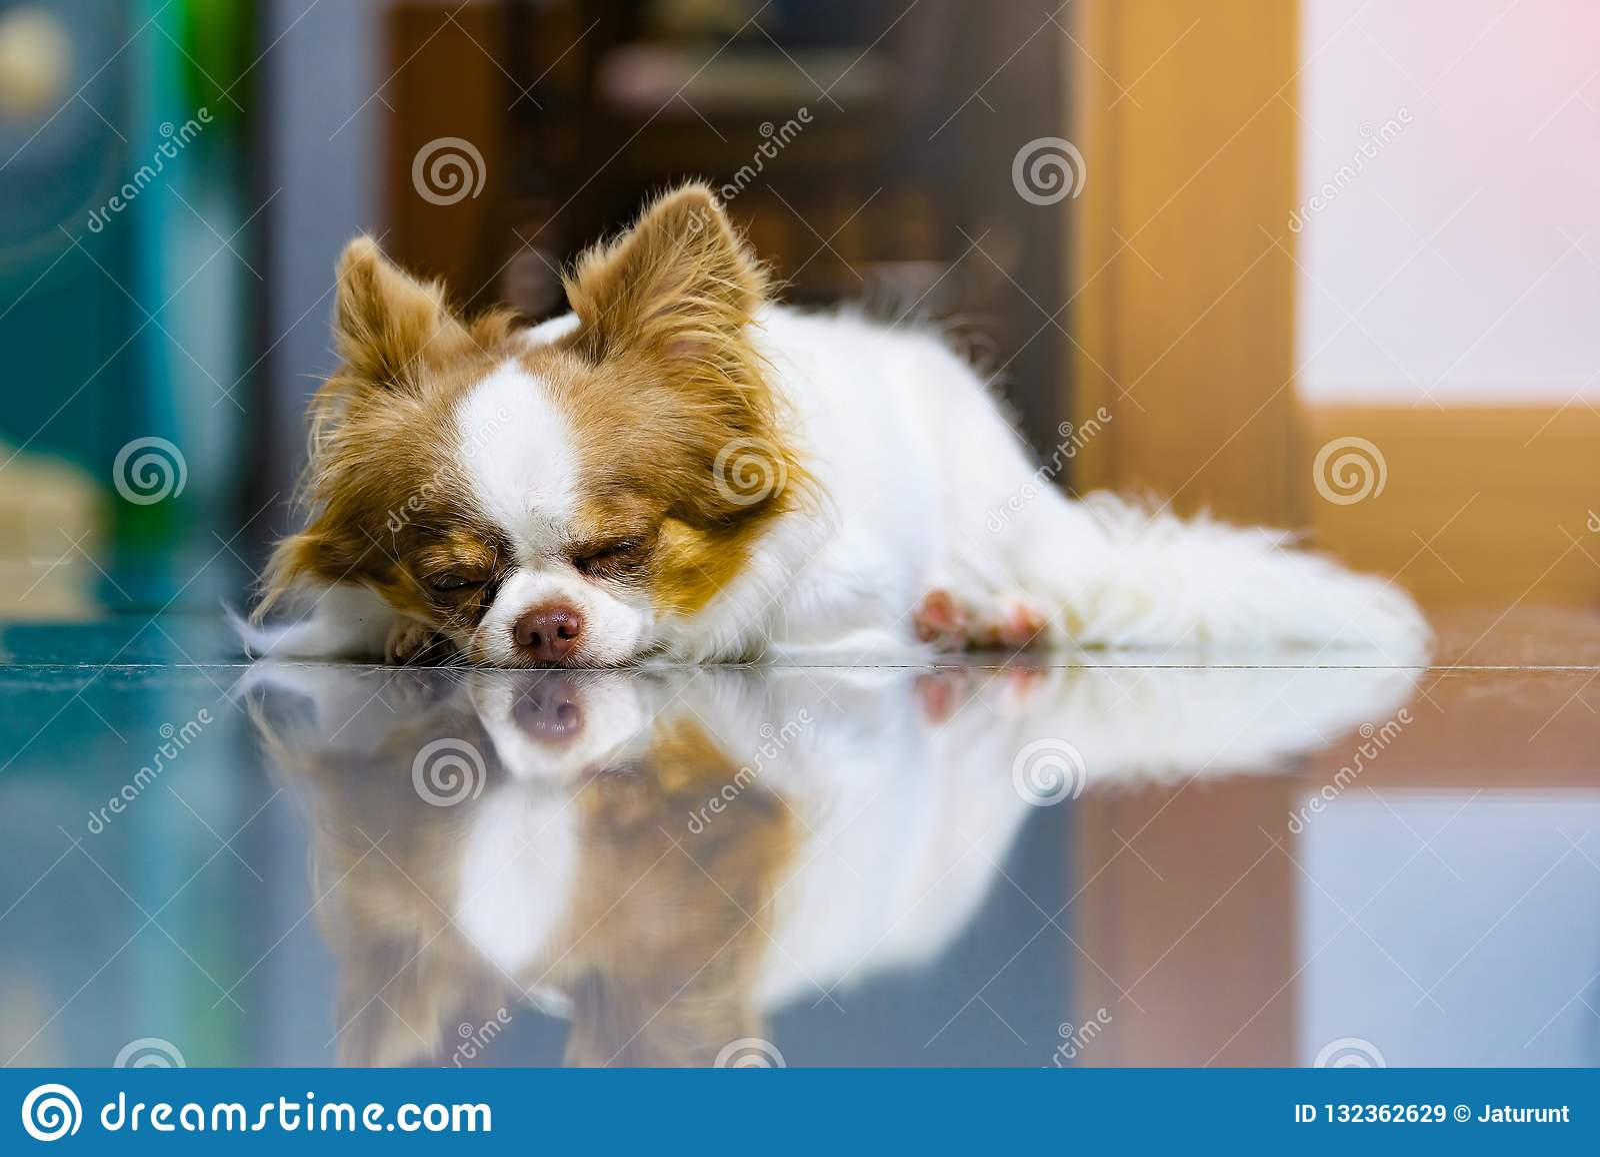 Lat hund, gullig brun och vit Chihuahua som sover och kopplar av på belagt med tegel golv